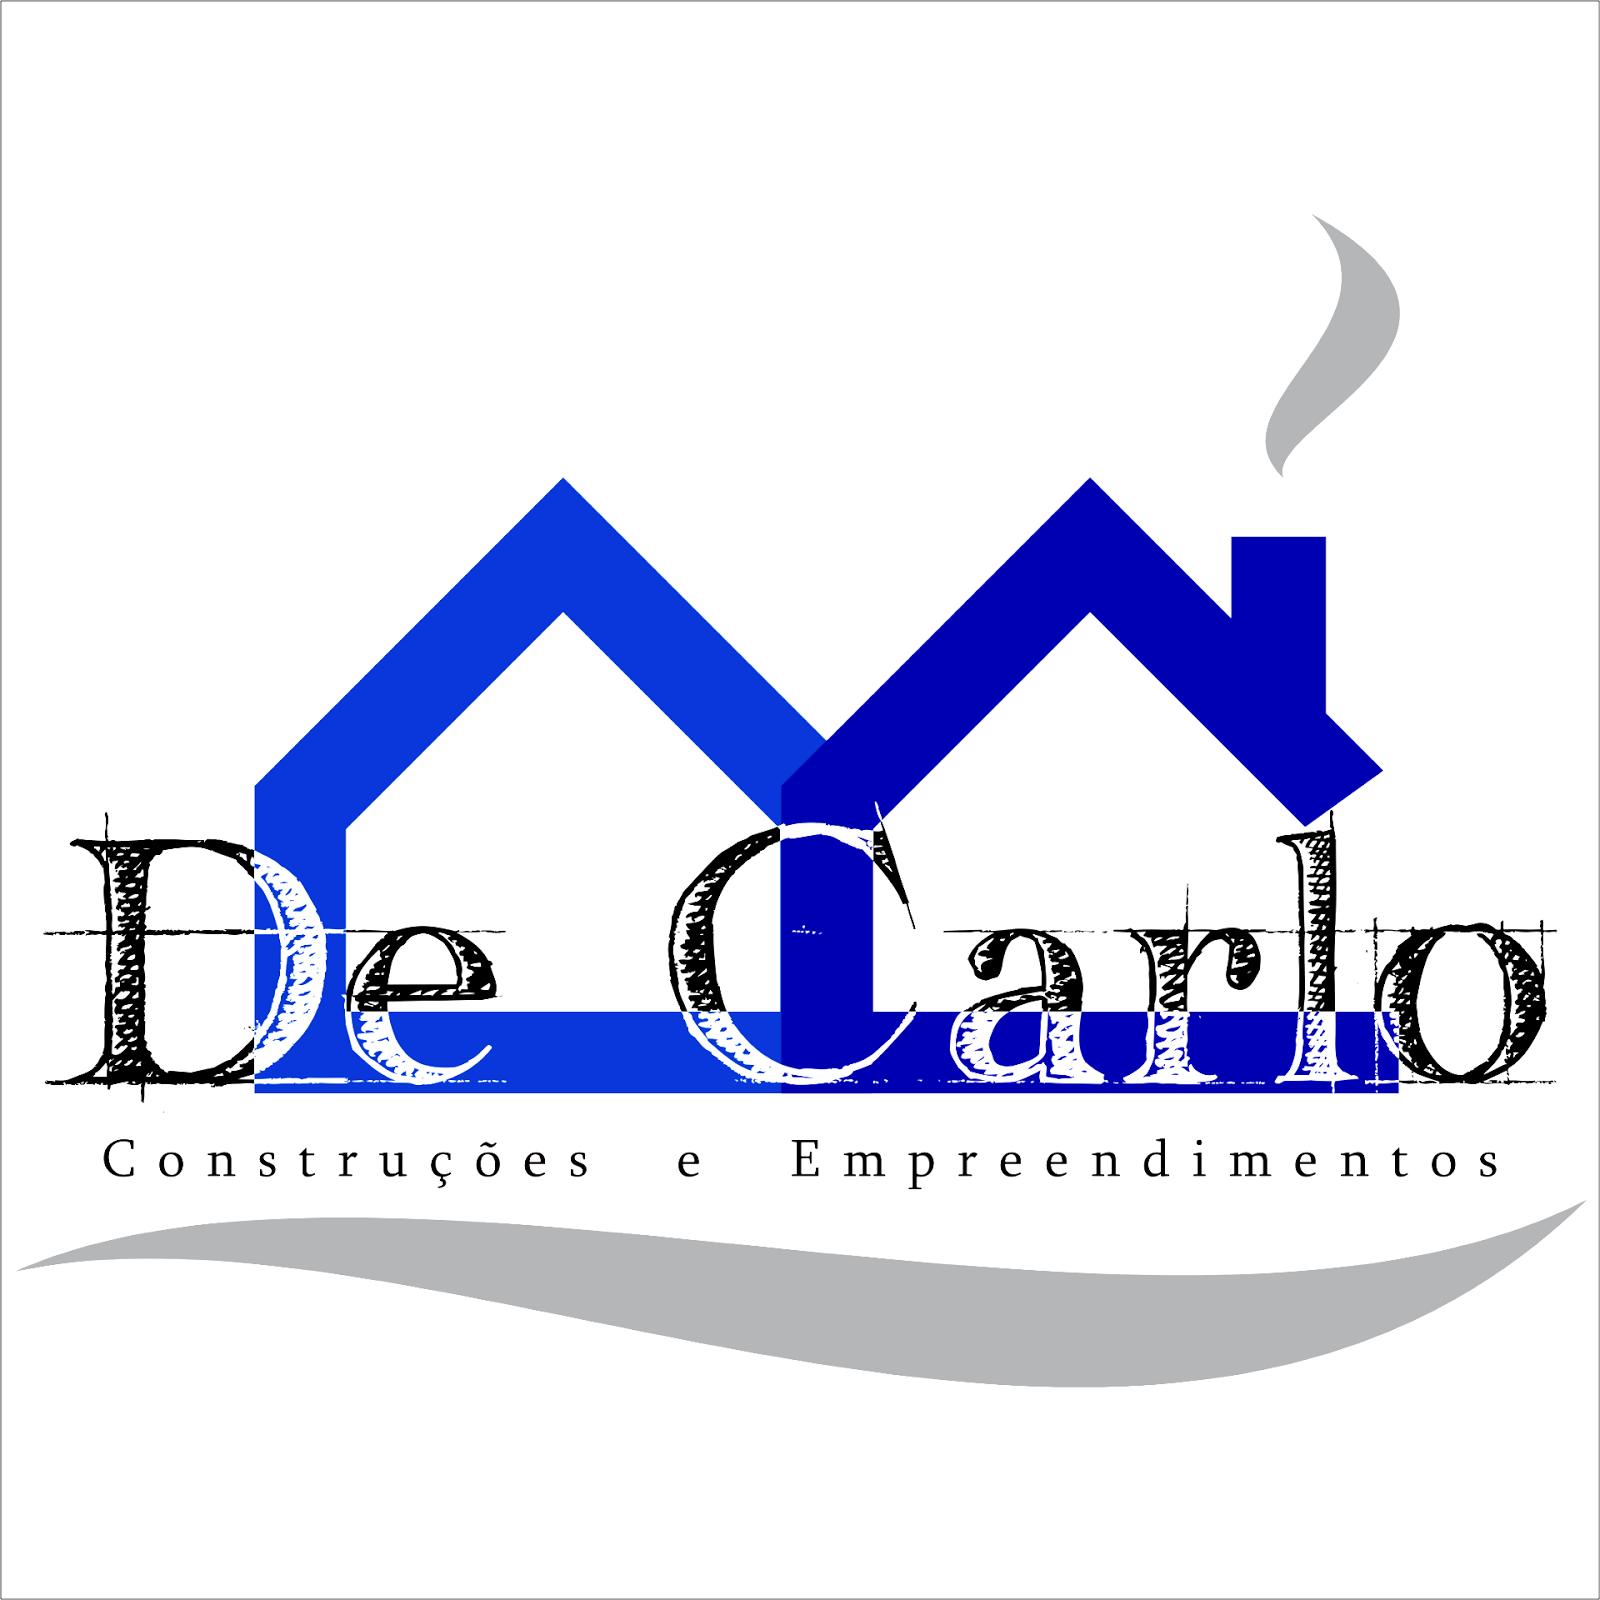 De Carlo Construções e Empreendimentos